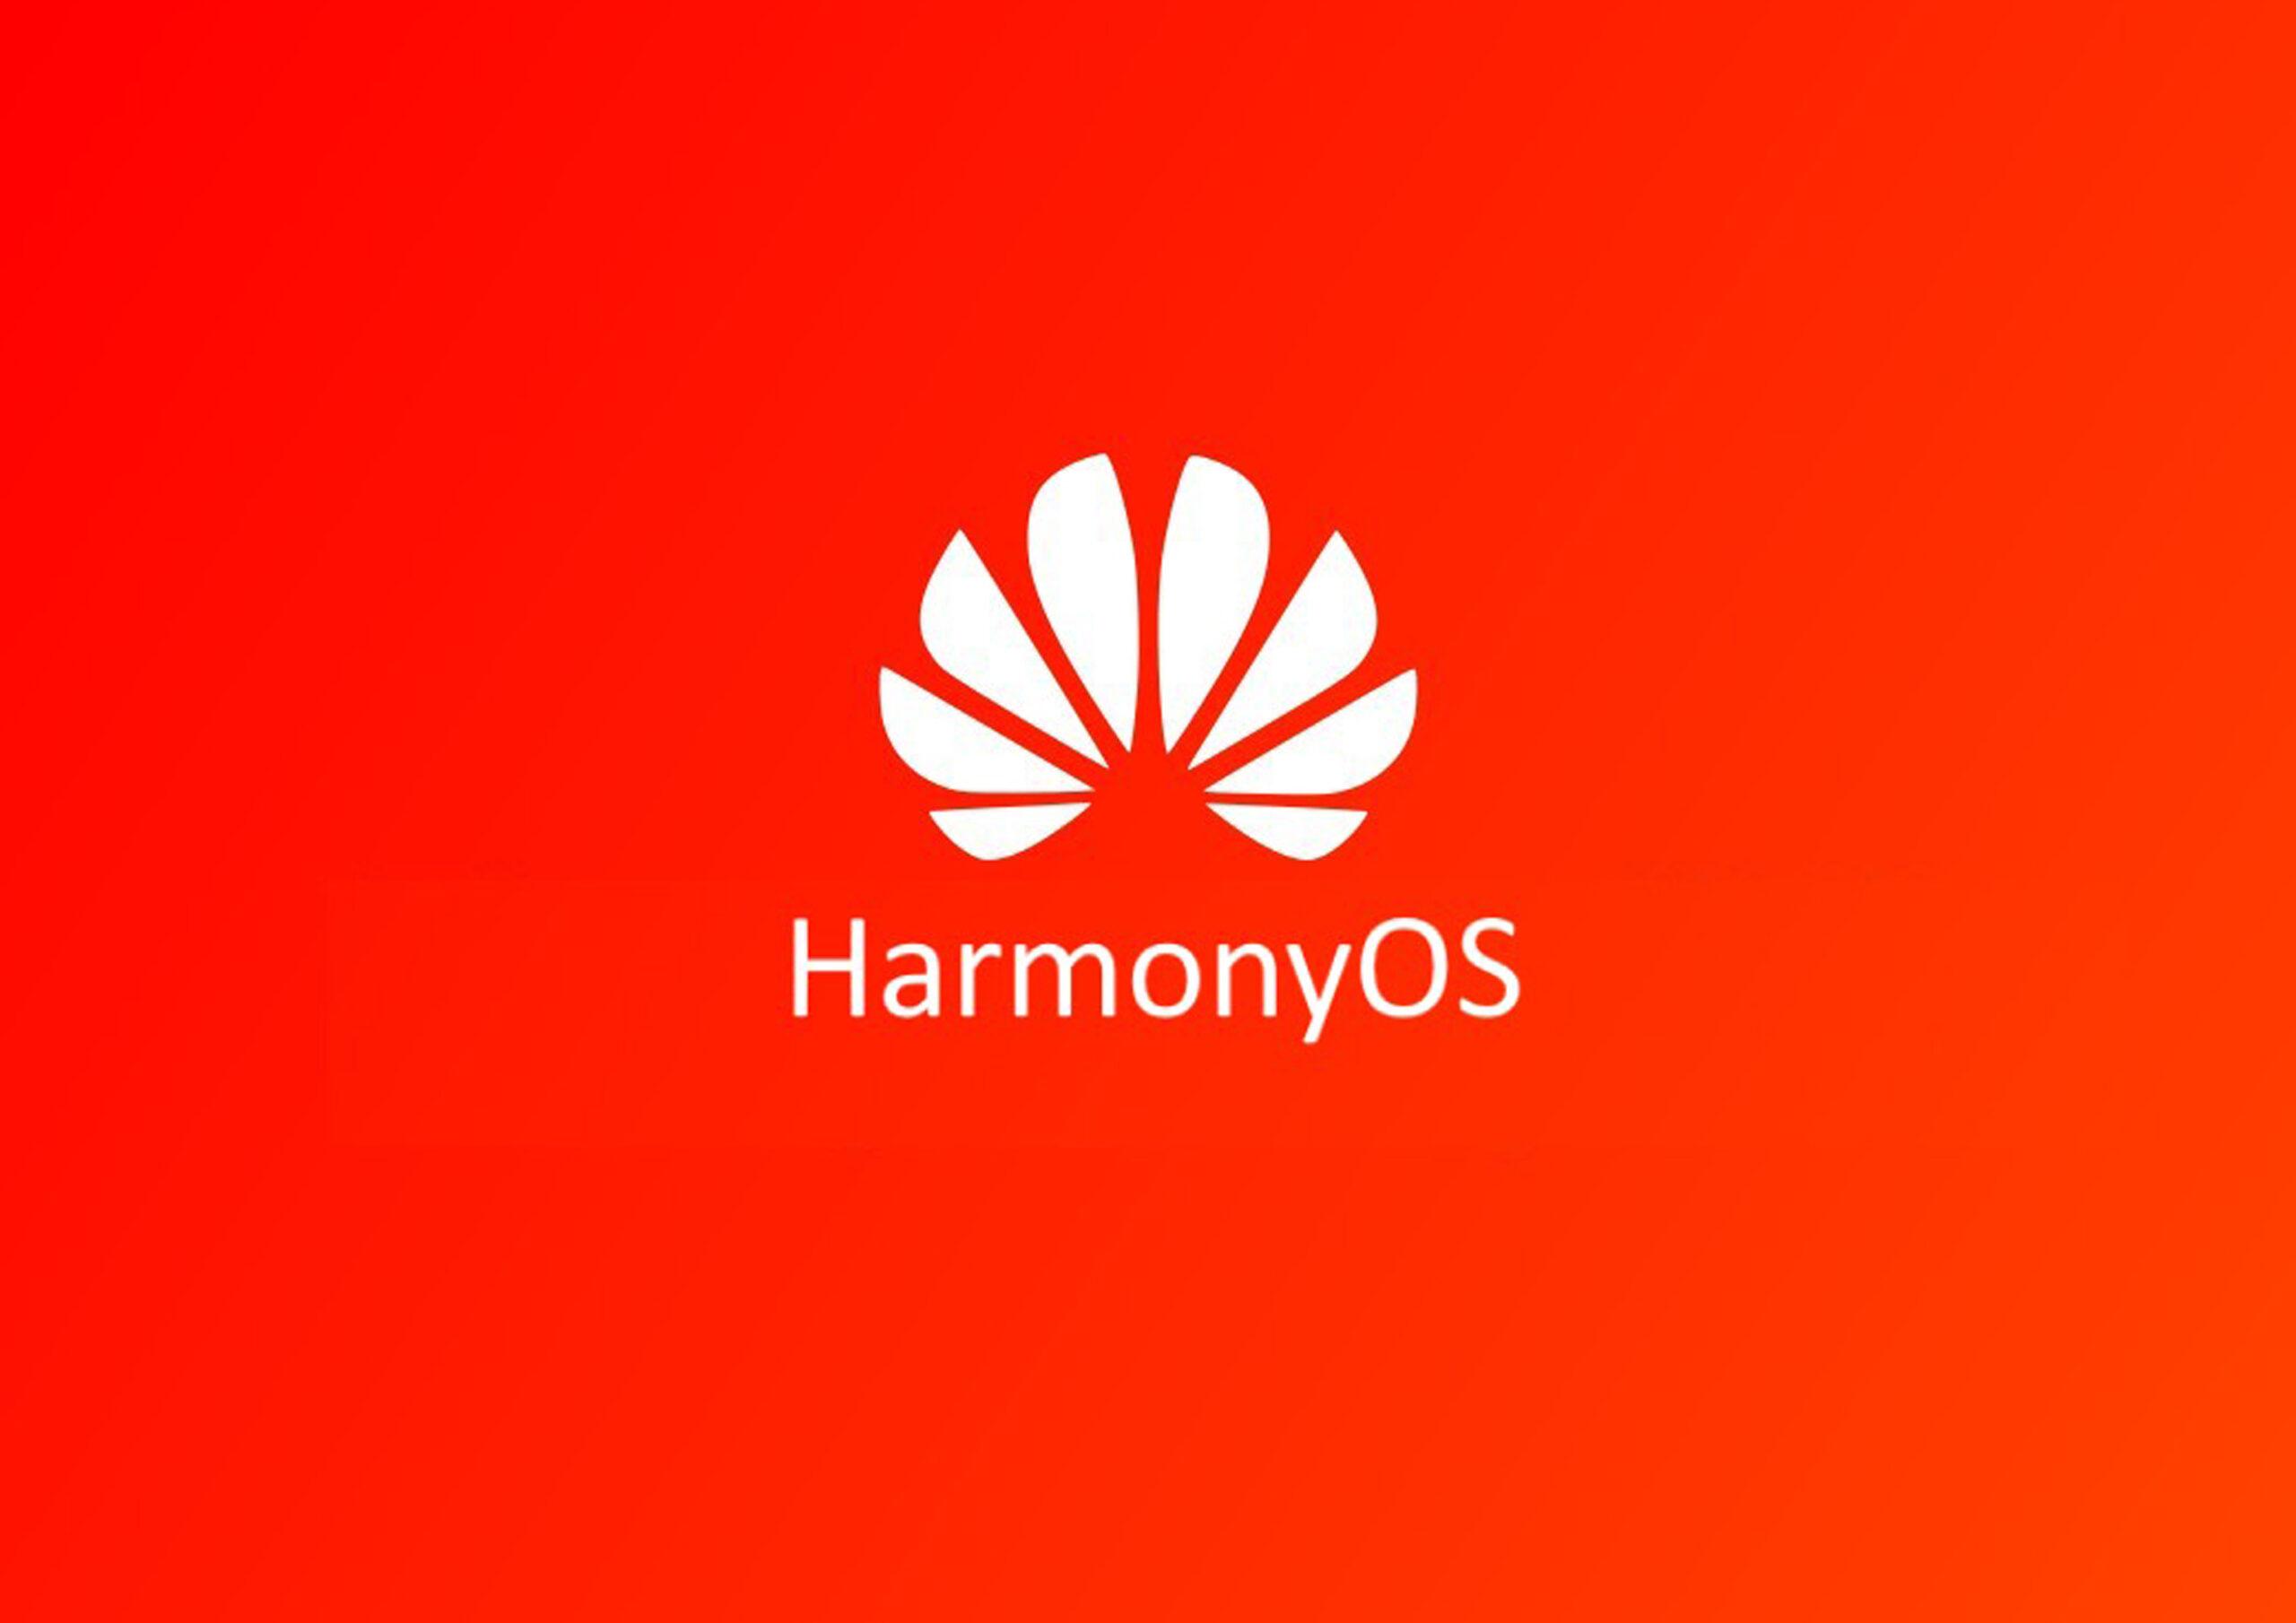 Harmony OS scaled